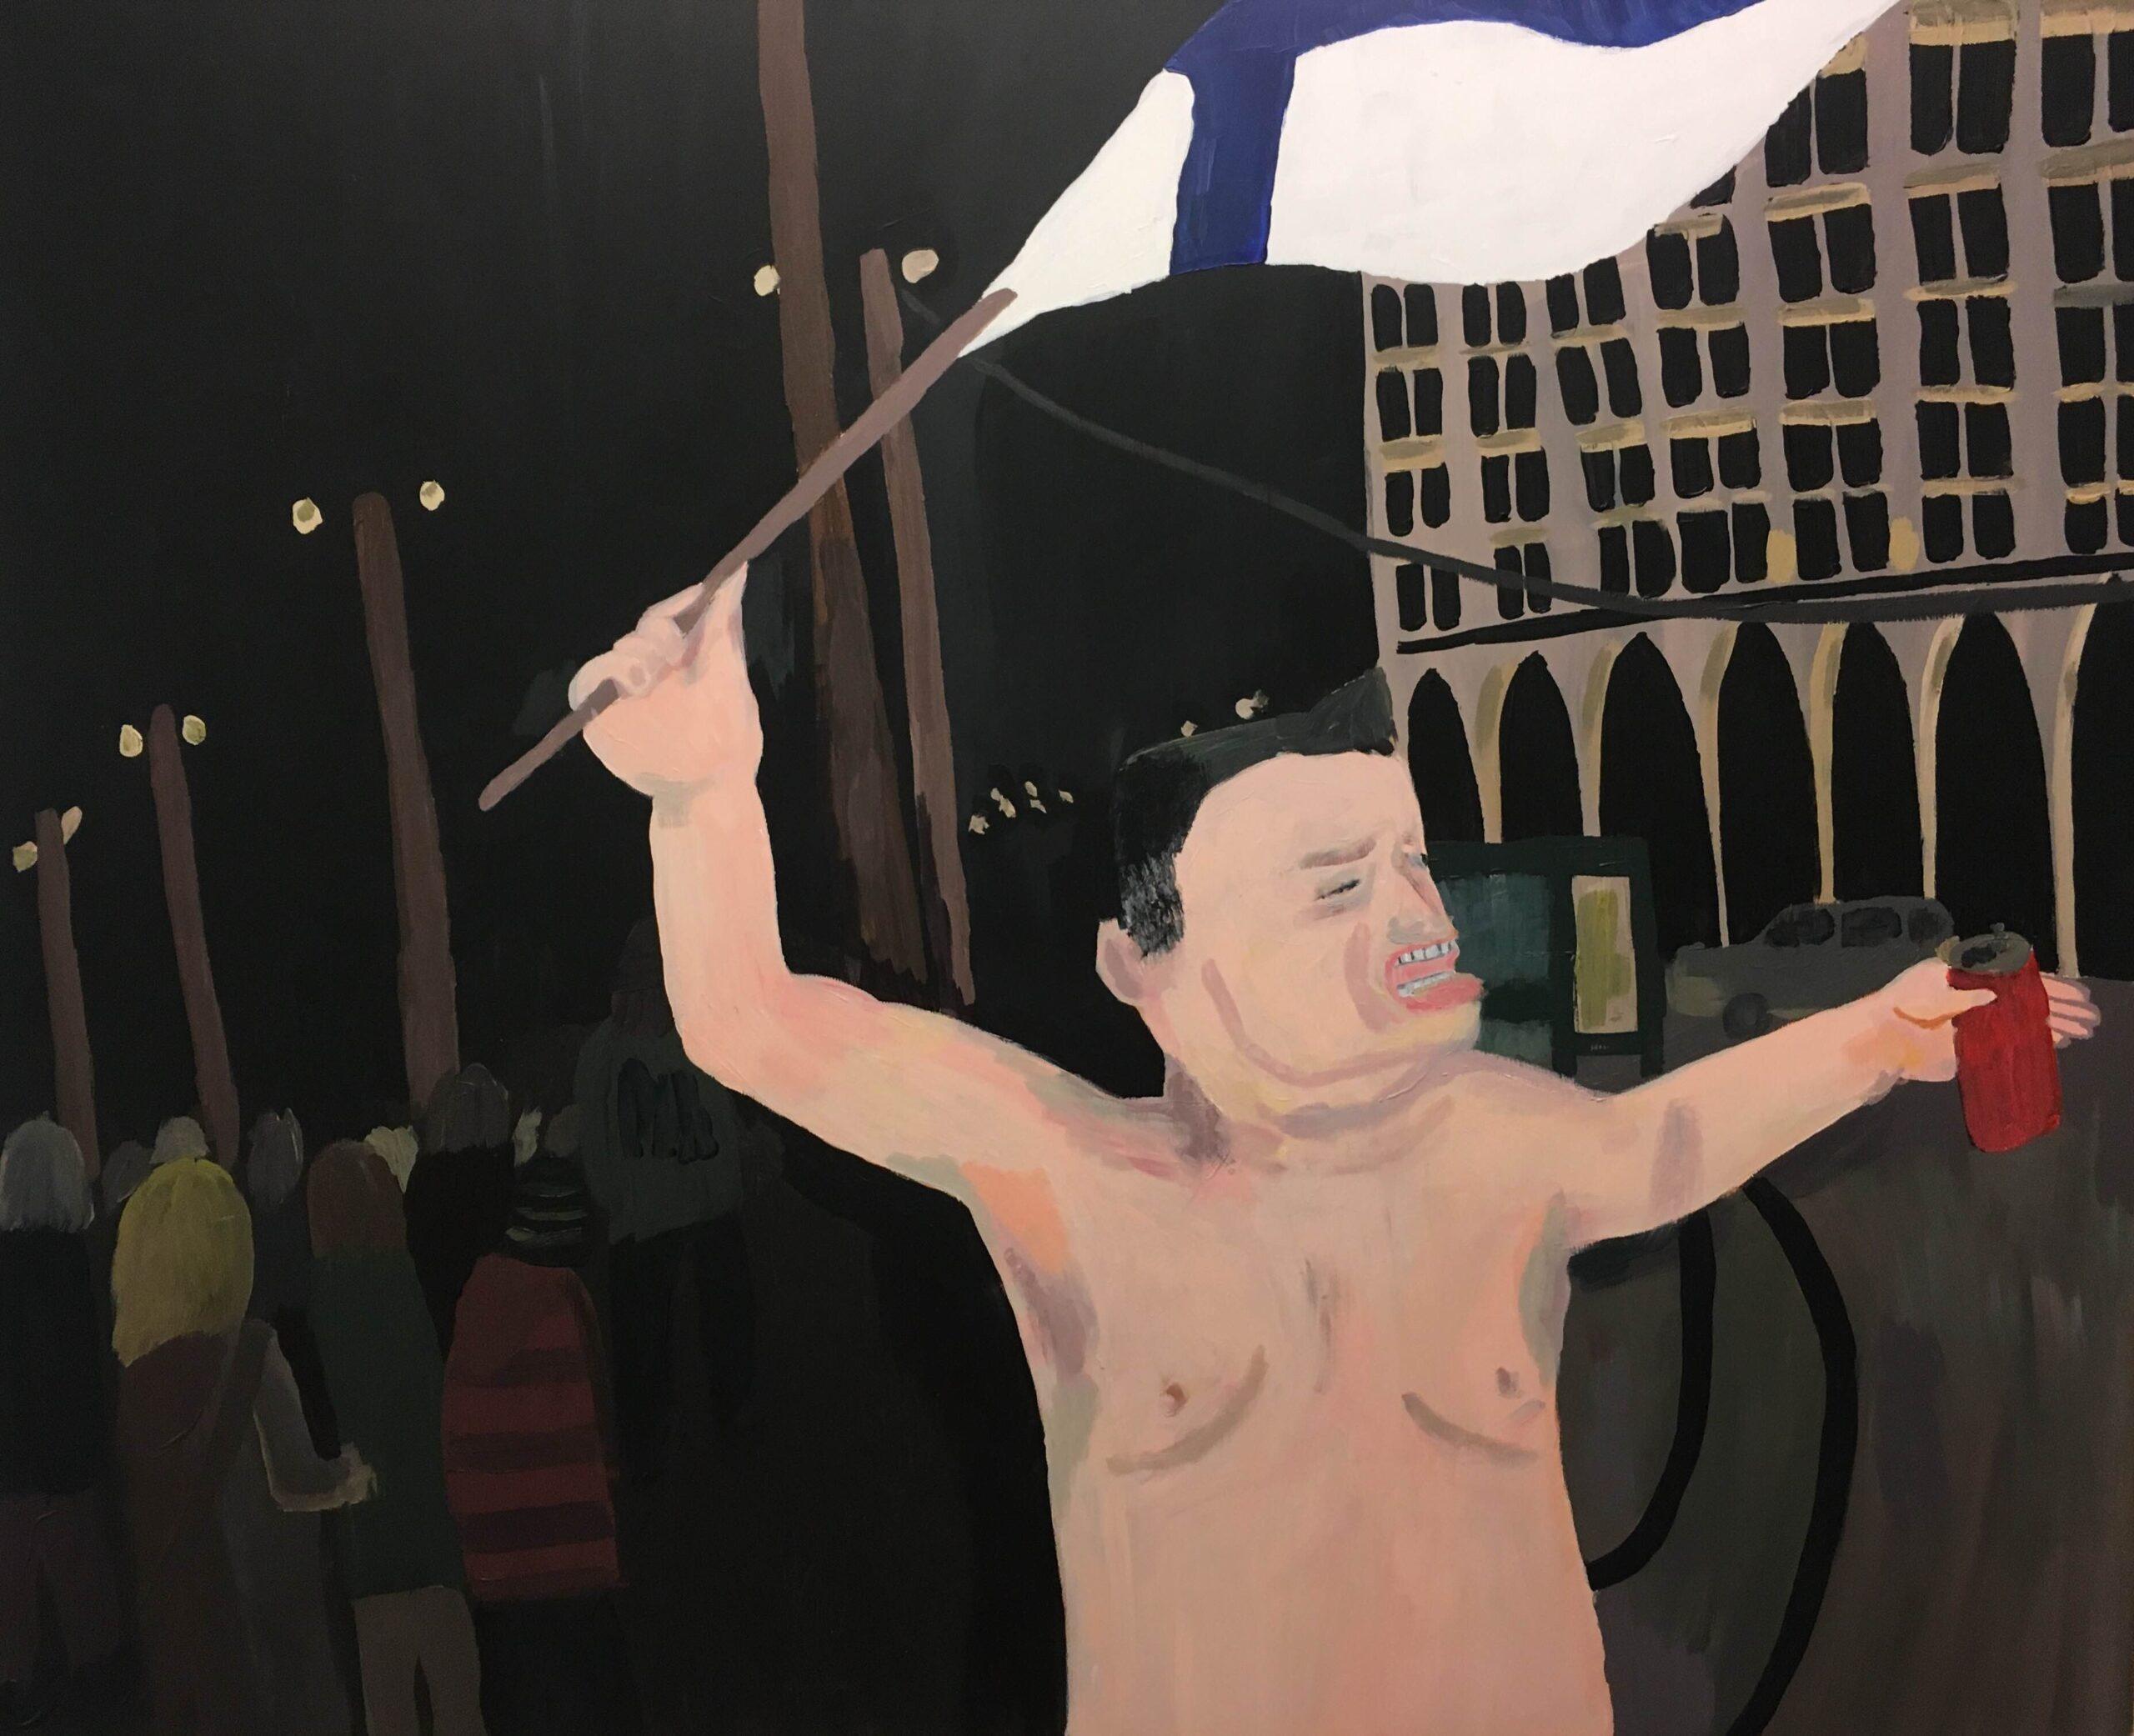 Vuoden 1995 kultajuhlien jälkeen torilla tapaamisesta on muodostunut, jos ei sentään kansallinen, niin vähintään helsinkiläinen instituutio. Tämä lippua heiluttava sankari on muodostunut tuon kansanperinteen symboliksi.